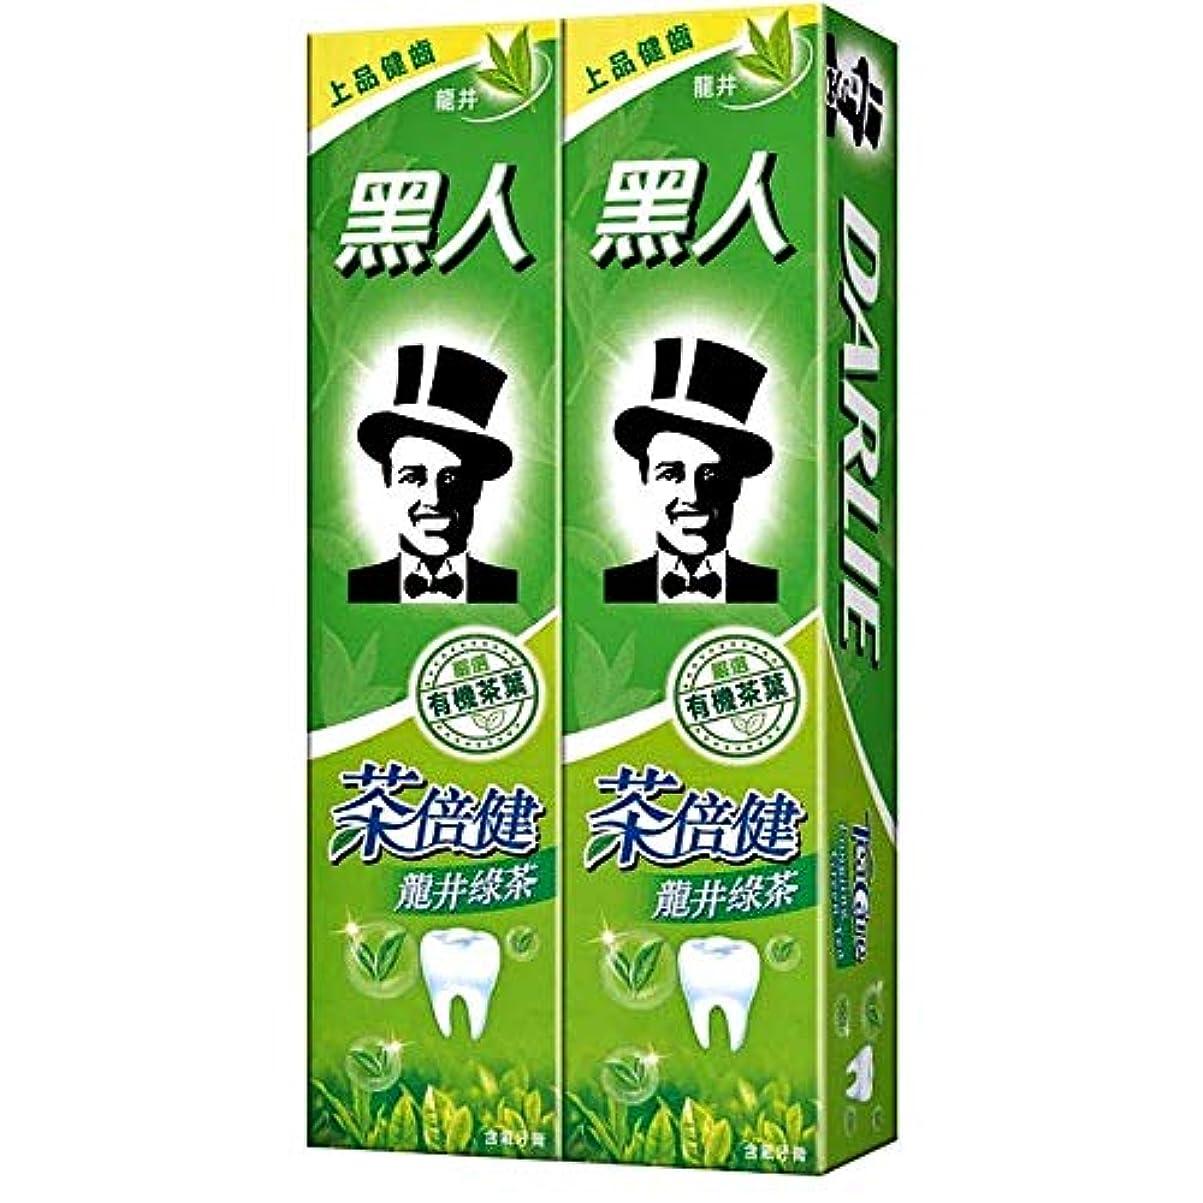 名目上の姿勢しない黑人 茶倍健 龍井緑茶 緑茶成分歯磨き粉配合160g×2 [並行輸入品]